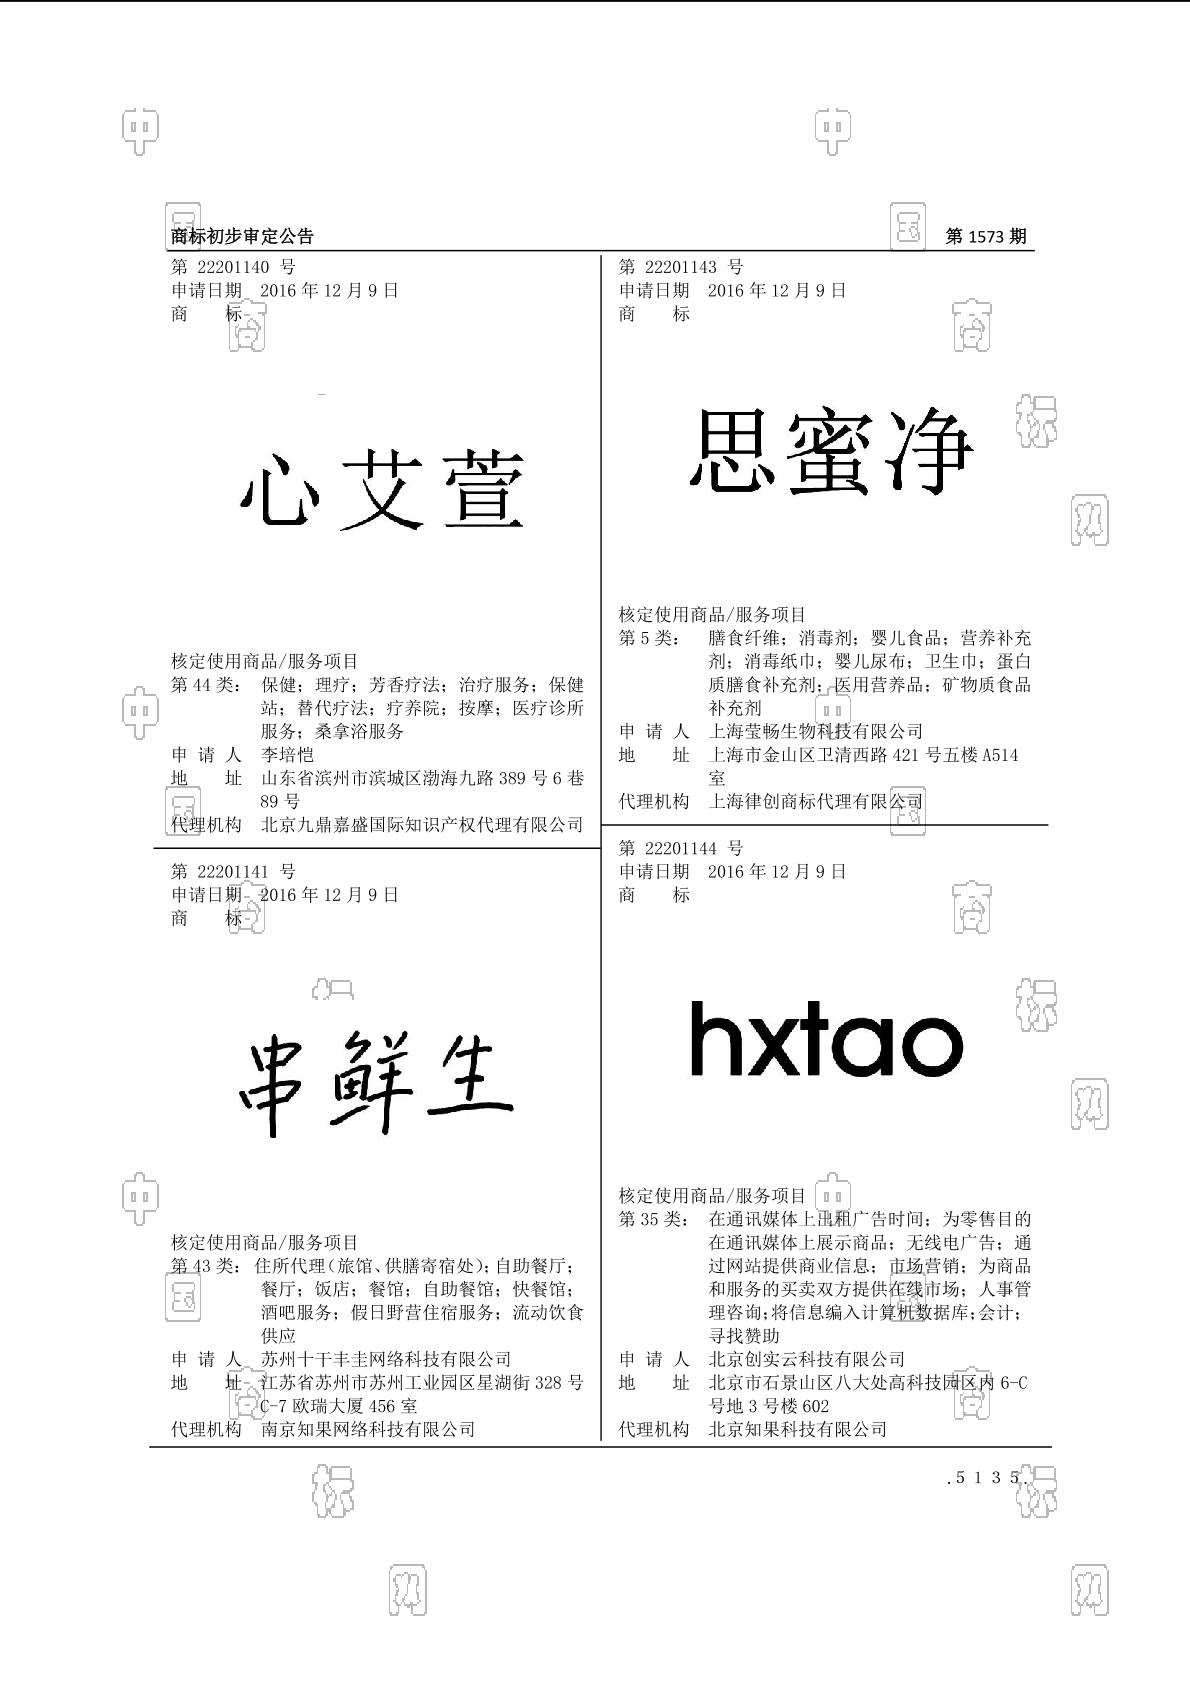 【社标网】思蜜净商标状态注册号信息 上海莹畅生物科技有限公司商标信息-商标查询